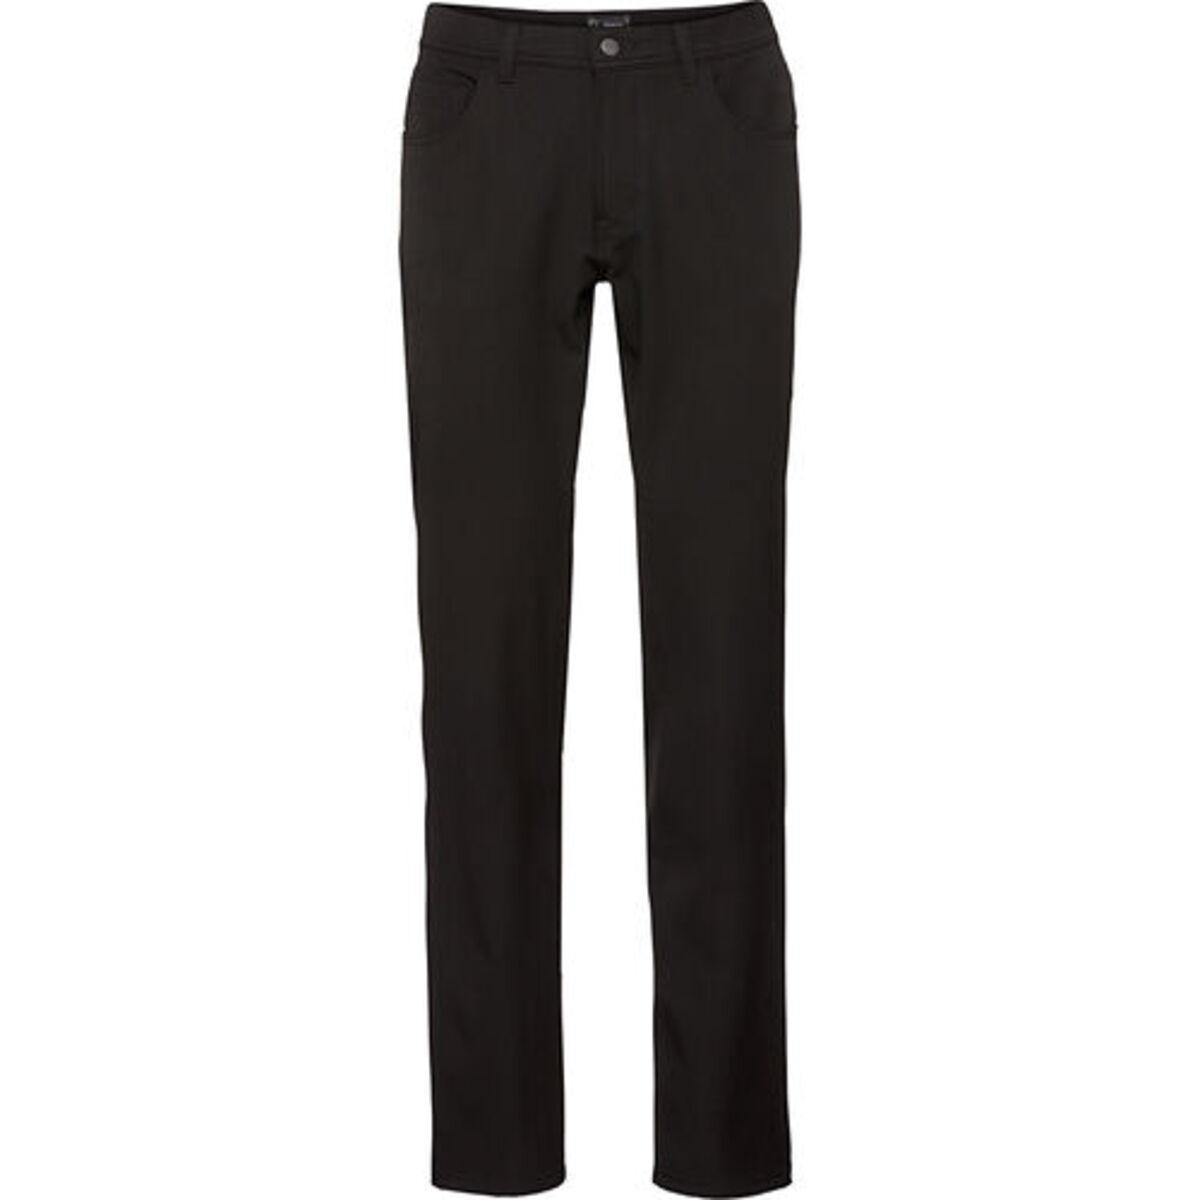 """Bild 3 von Pioneer Herren 5-Pocket-Jeans """"Rando"""", schwarz, W34/L30, W34/L30"""